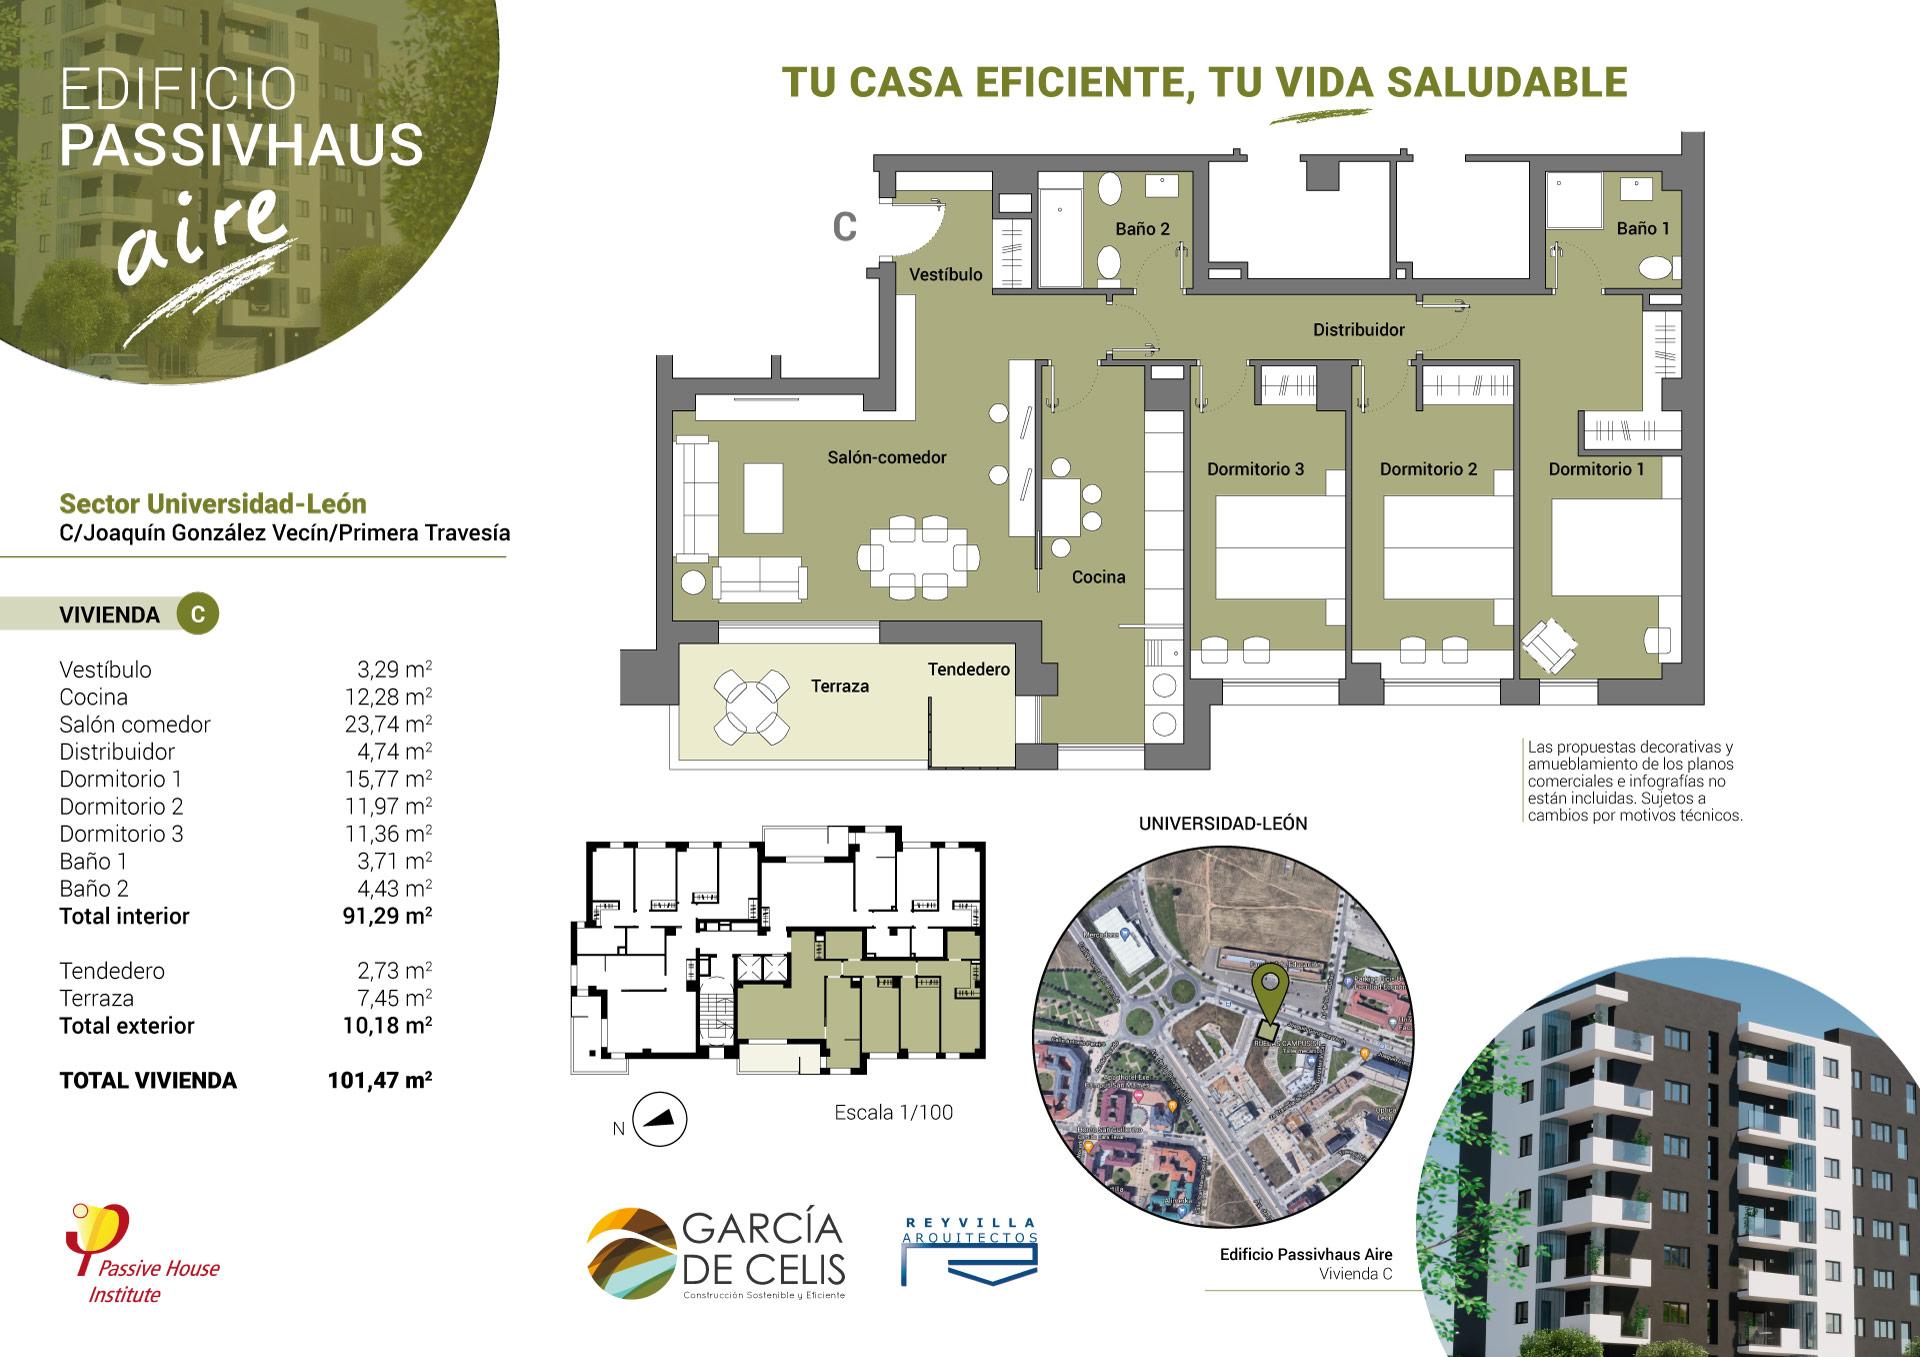 Plano vivienda C - 3 dormitorios